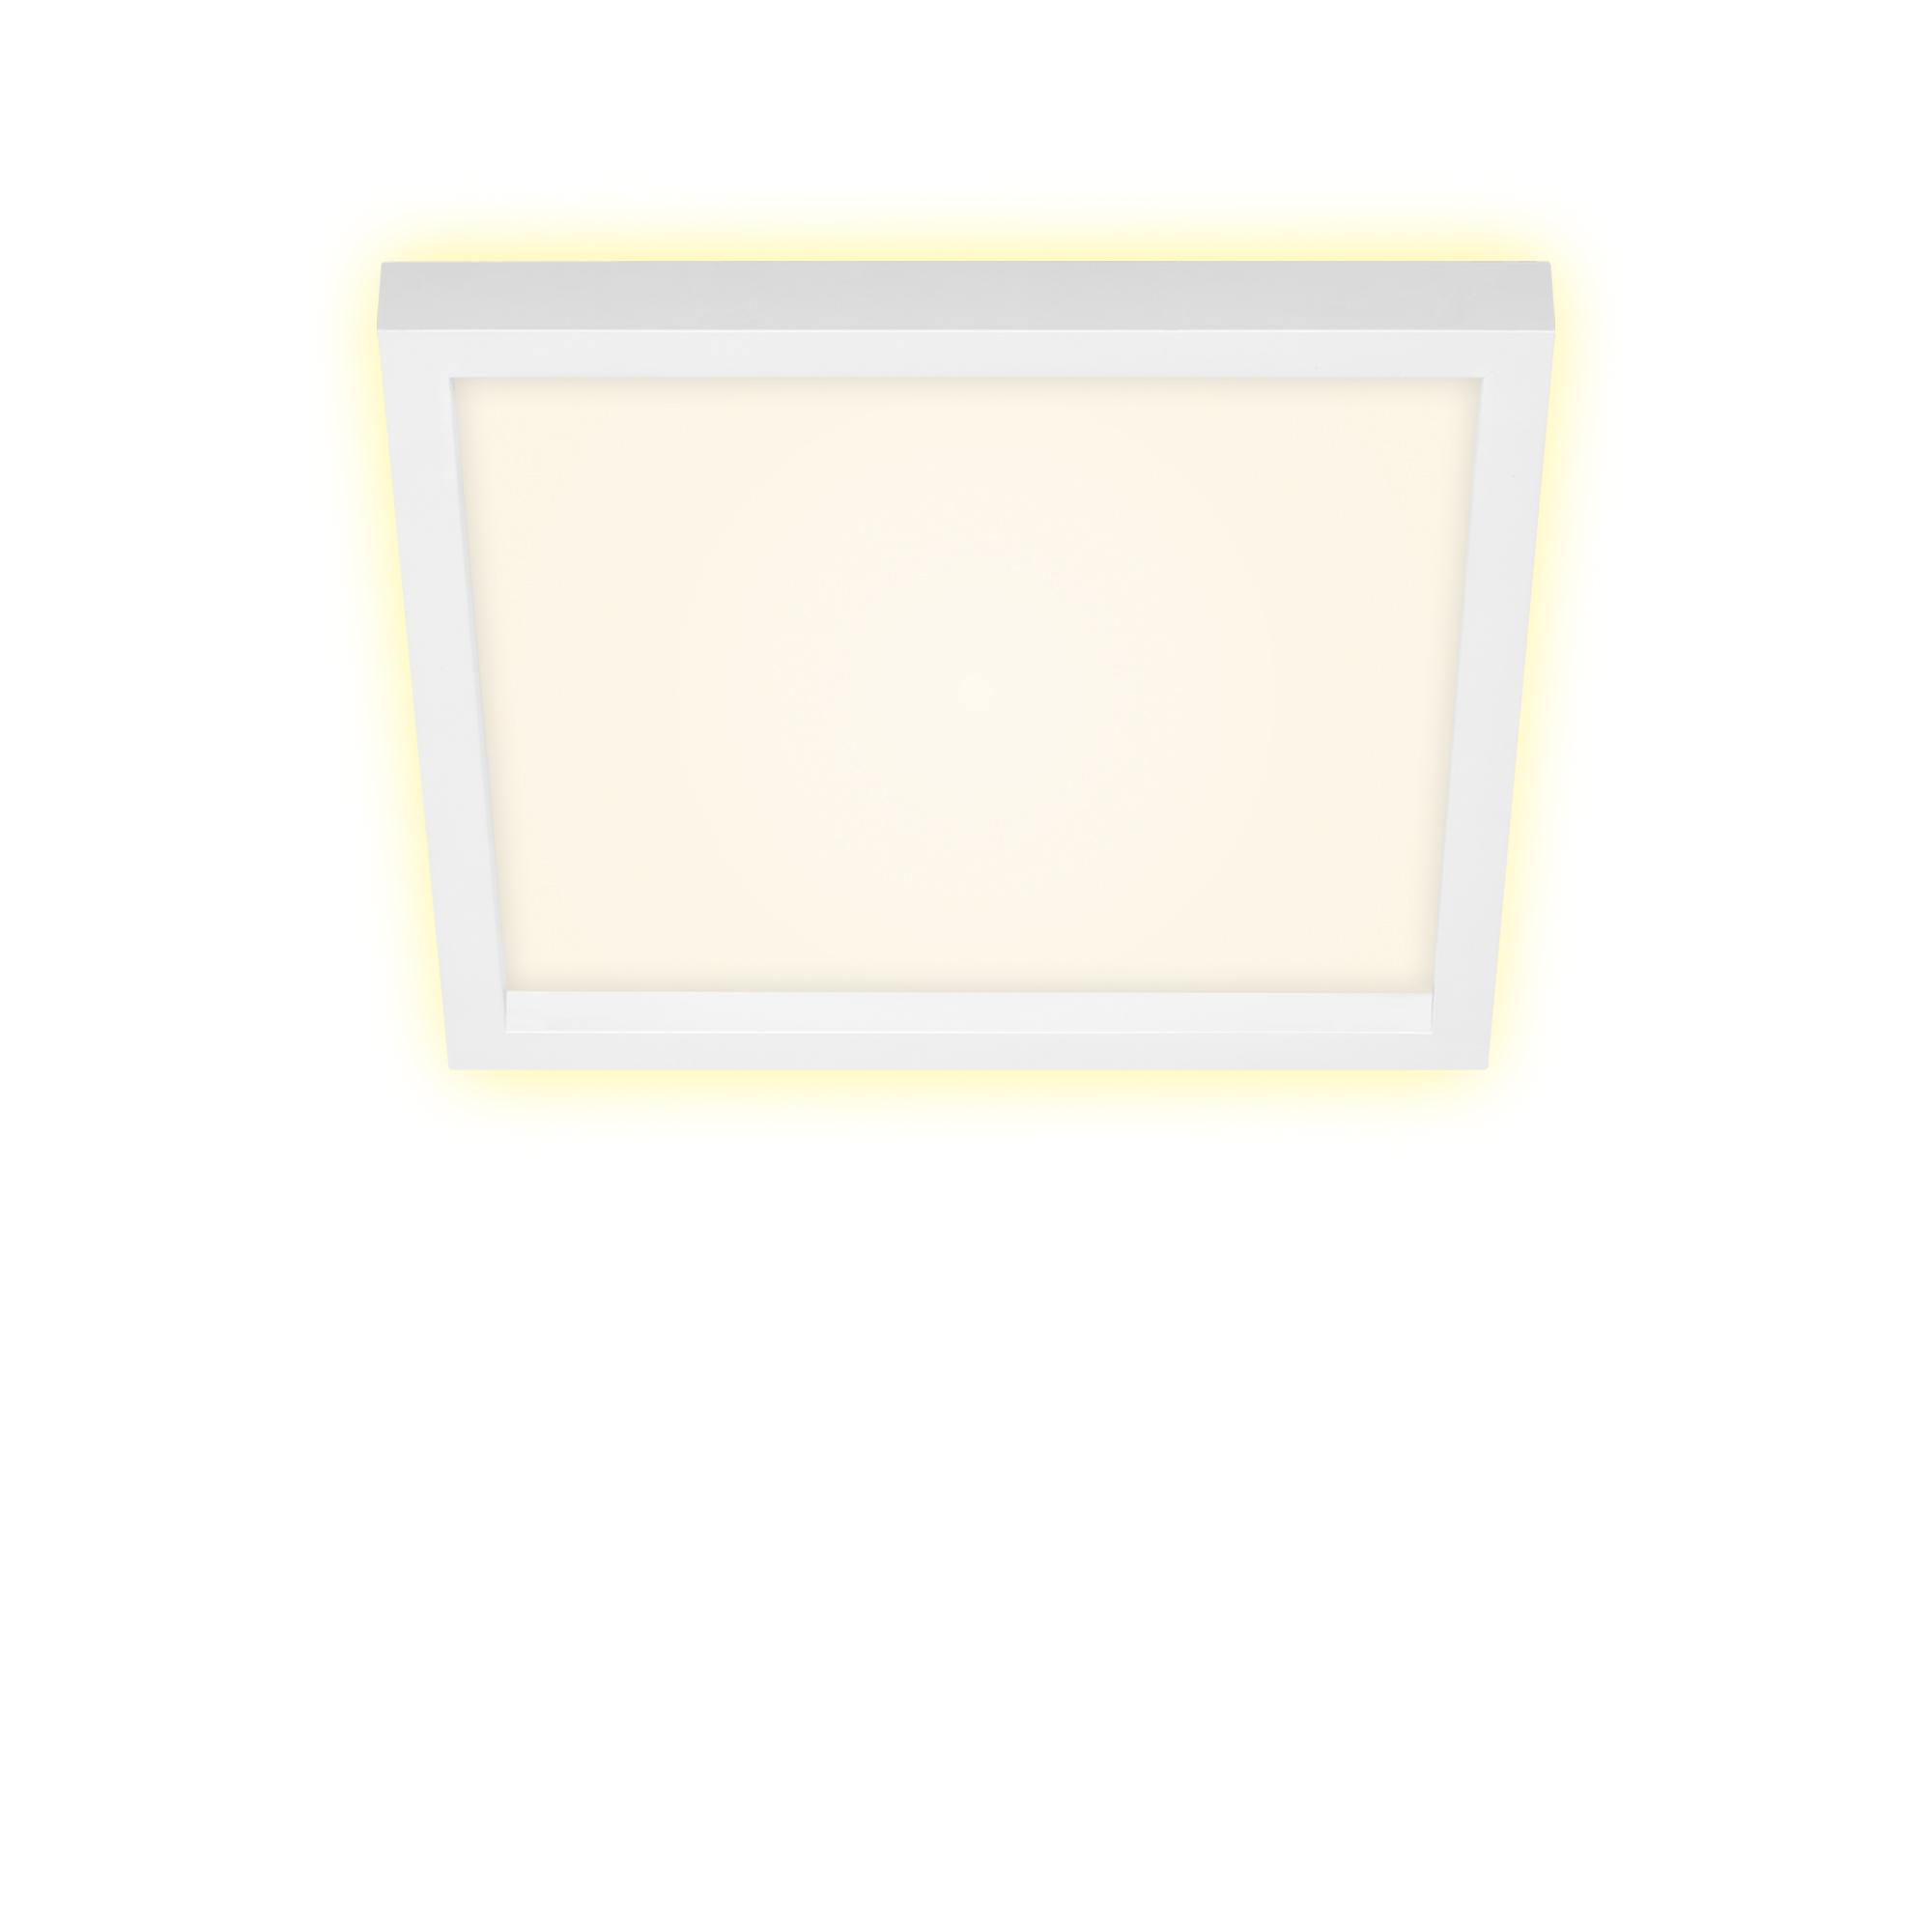 LED Deckenleuchte, 29,6 cm, 18 W, Weiss